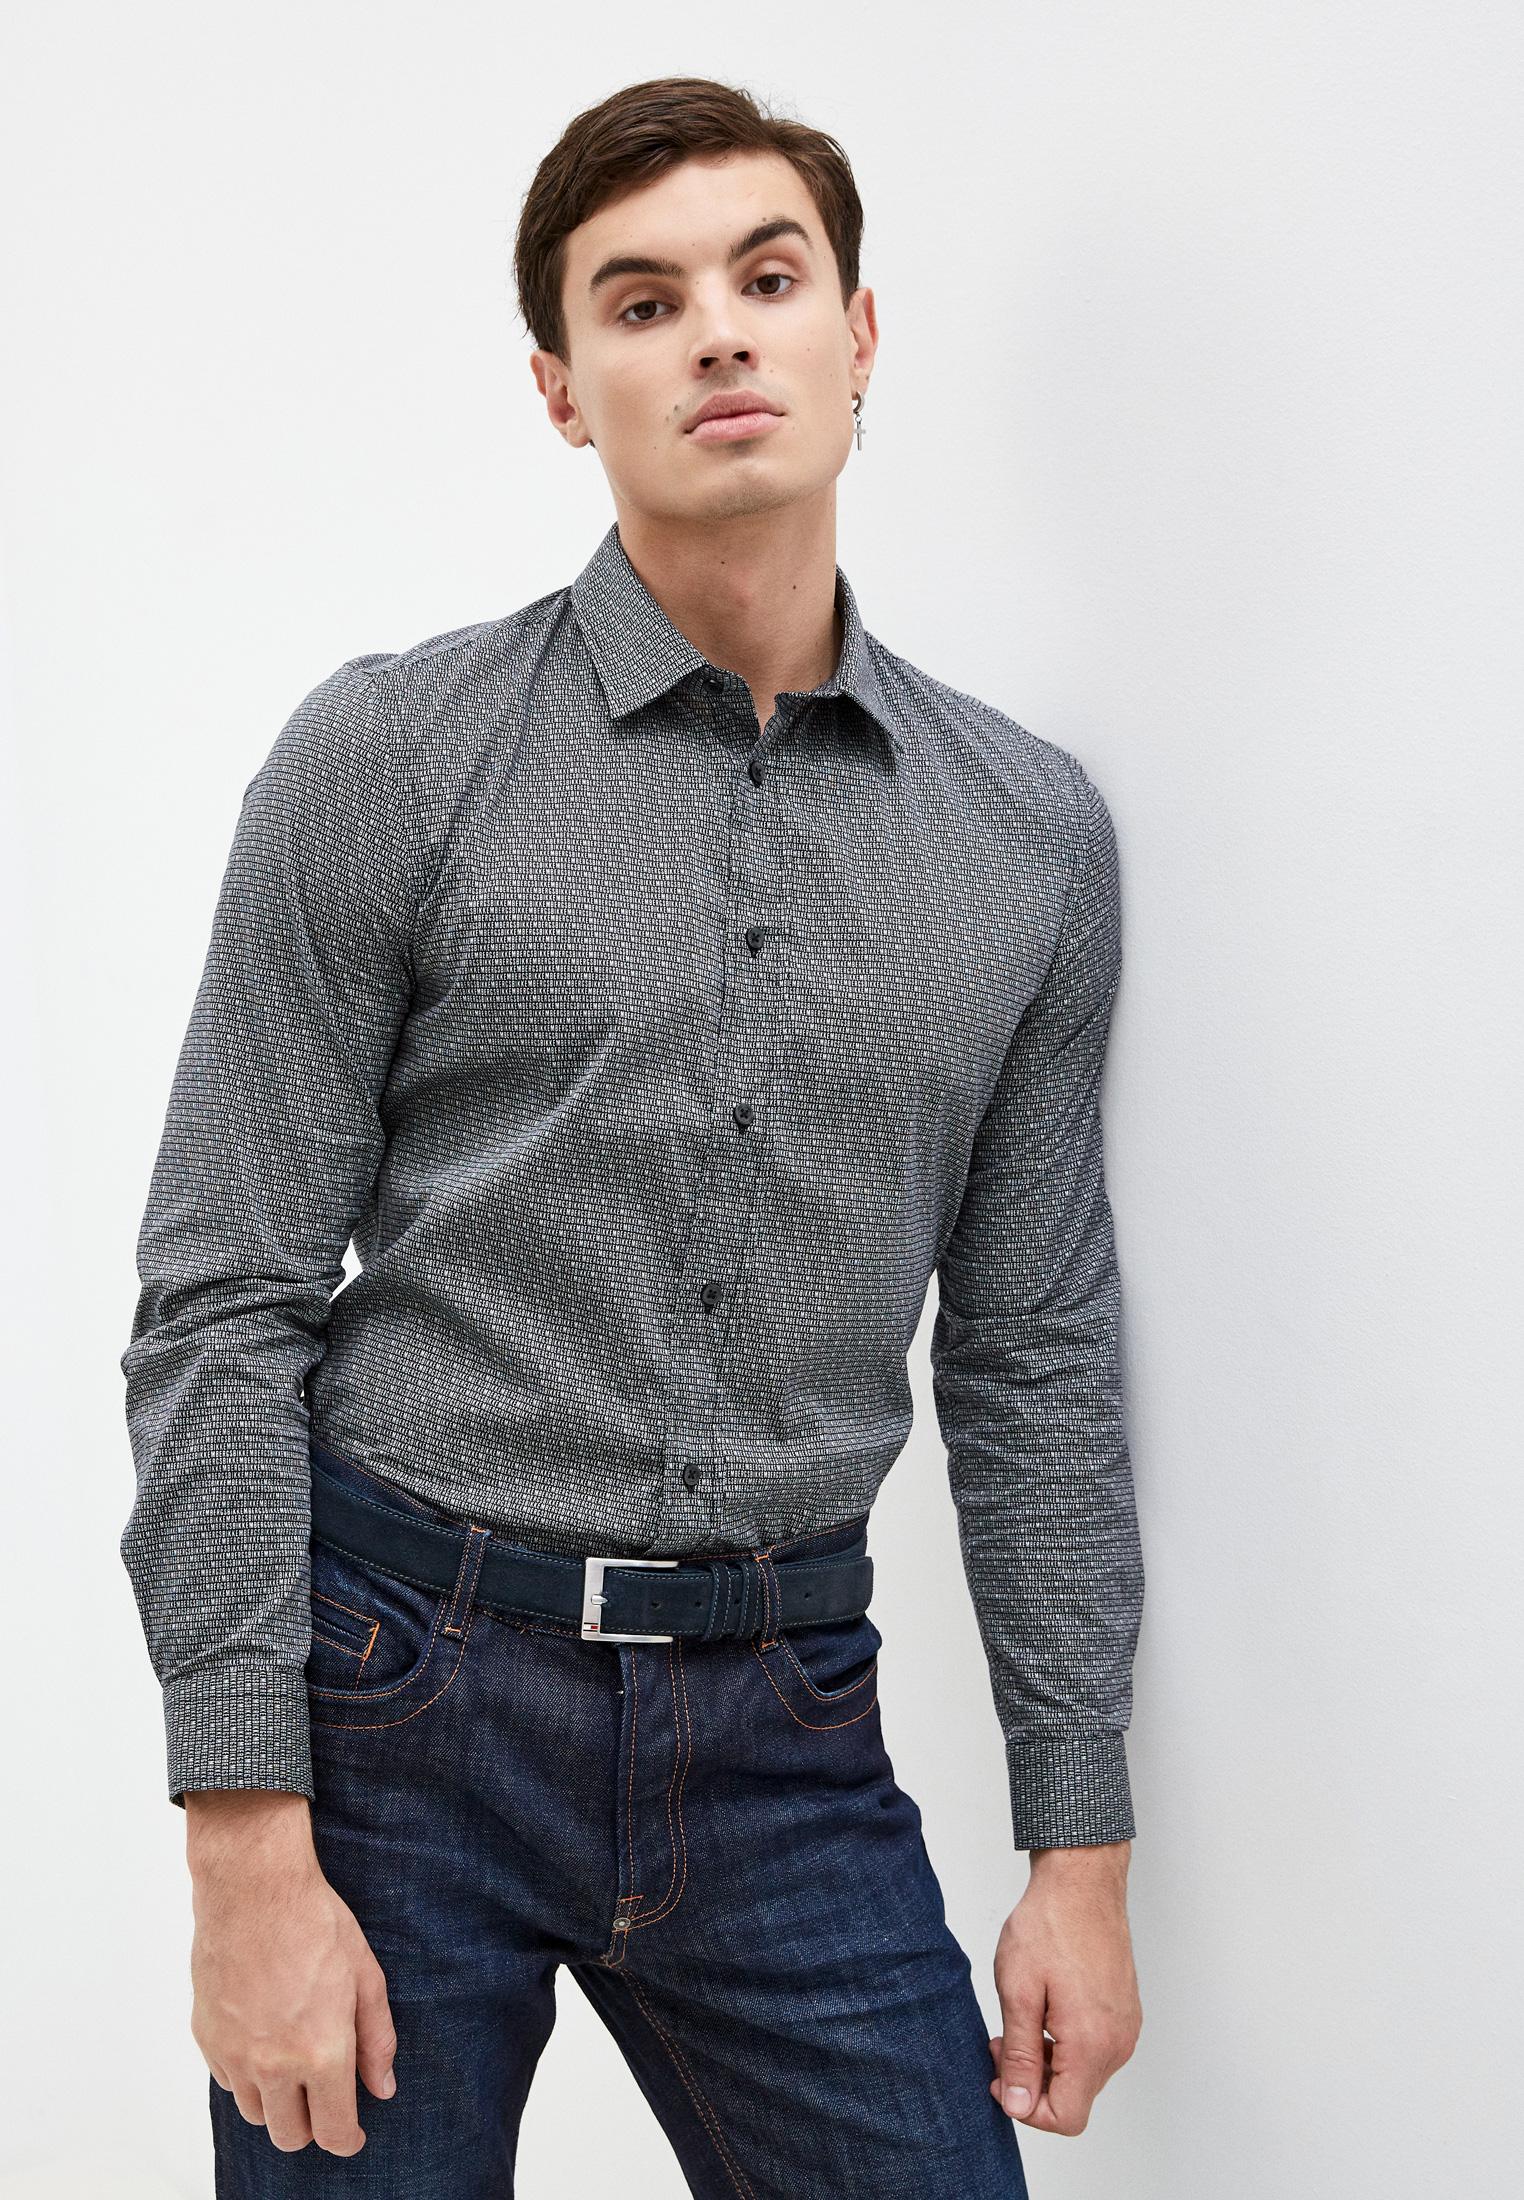 Рубашка с длинным рукавом Bikkembergs (Биккембергс) C C 009 00 S 3353: изображение 1